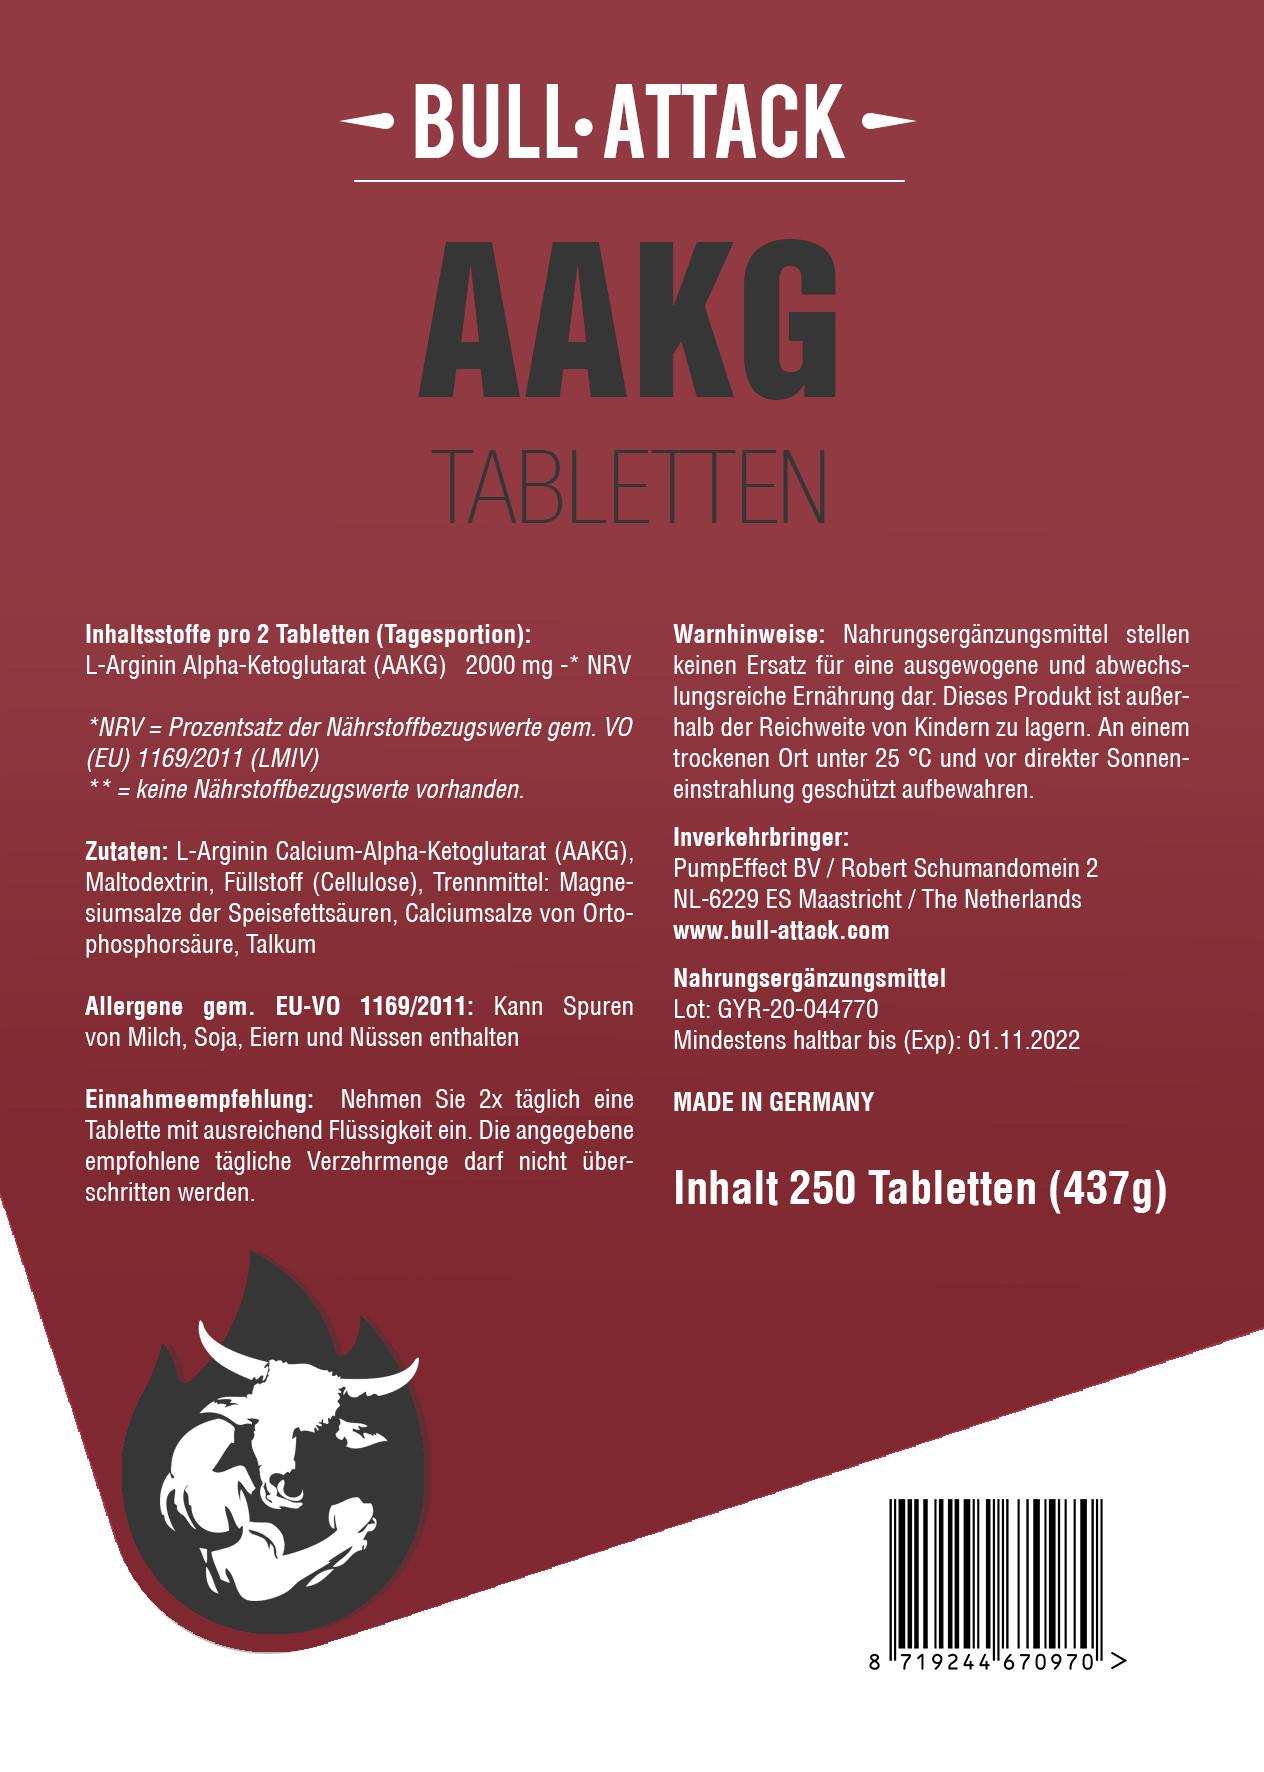 AAKG | 250 Tabletten